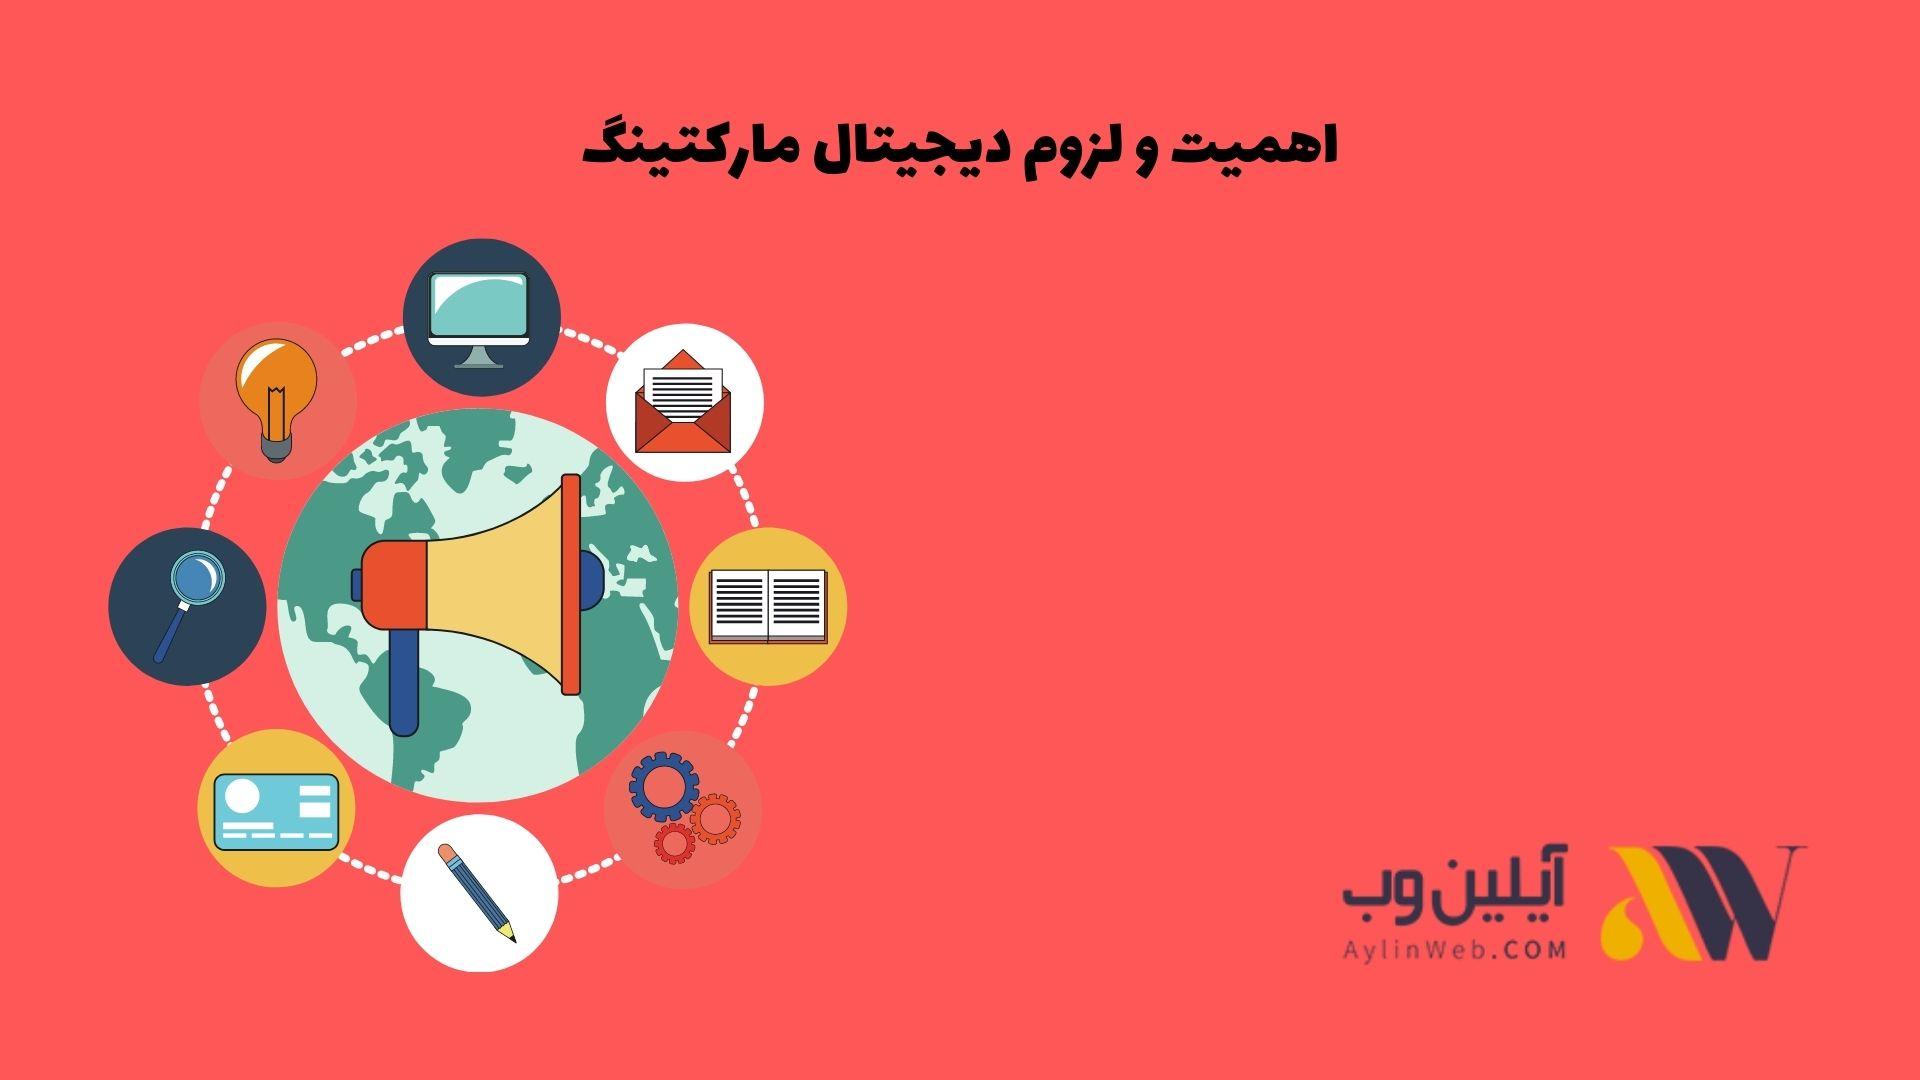 اهمیت و لزوم دیجیتال مارکتینگ